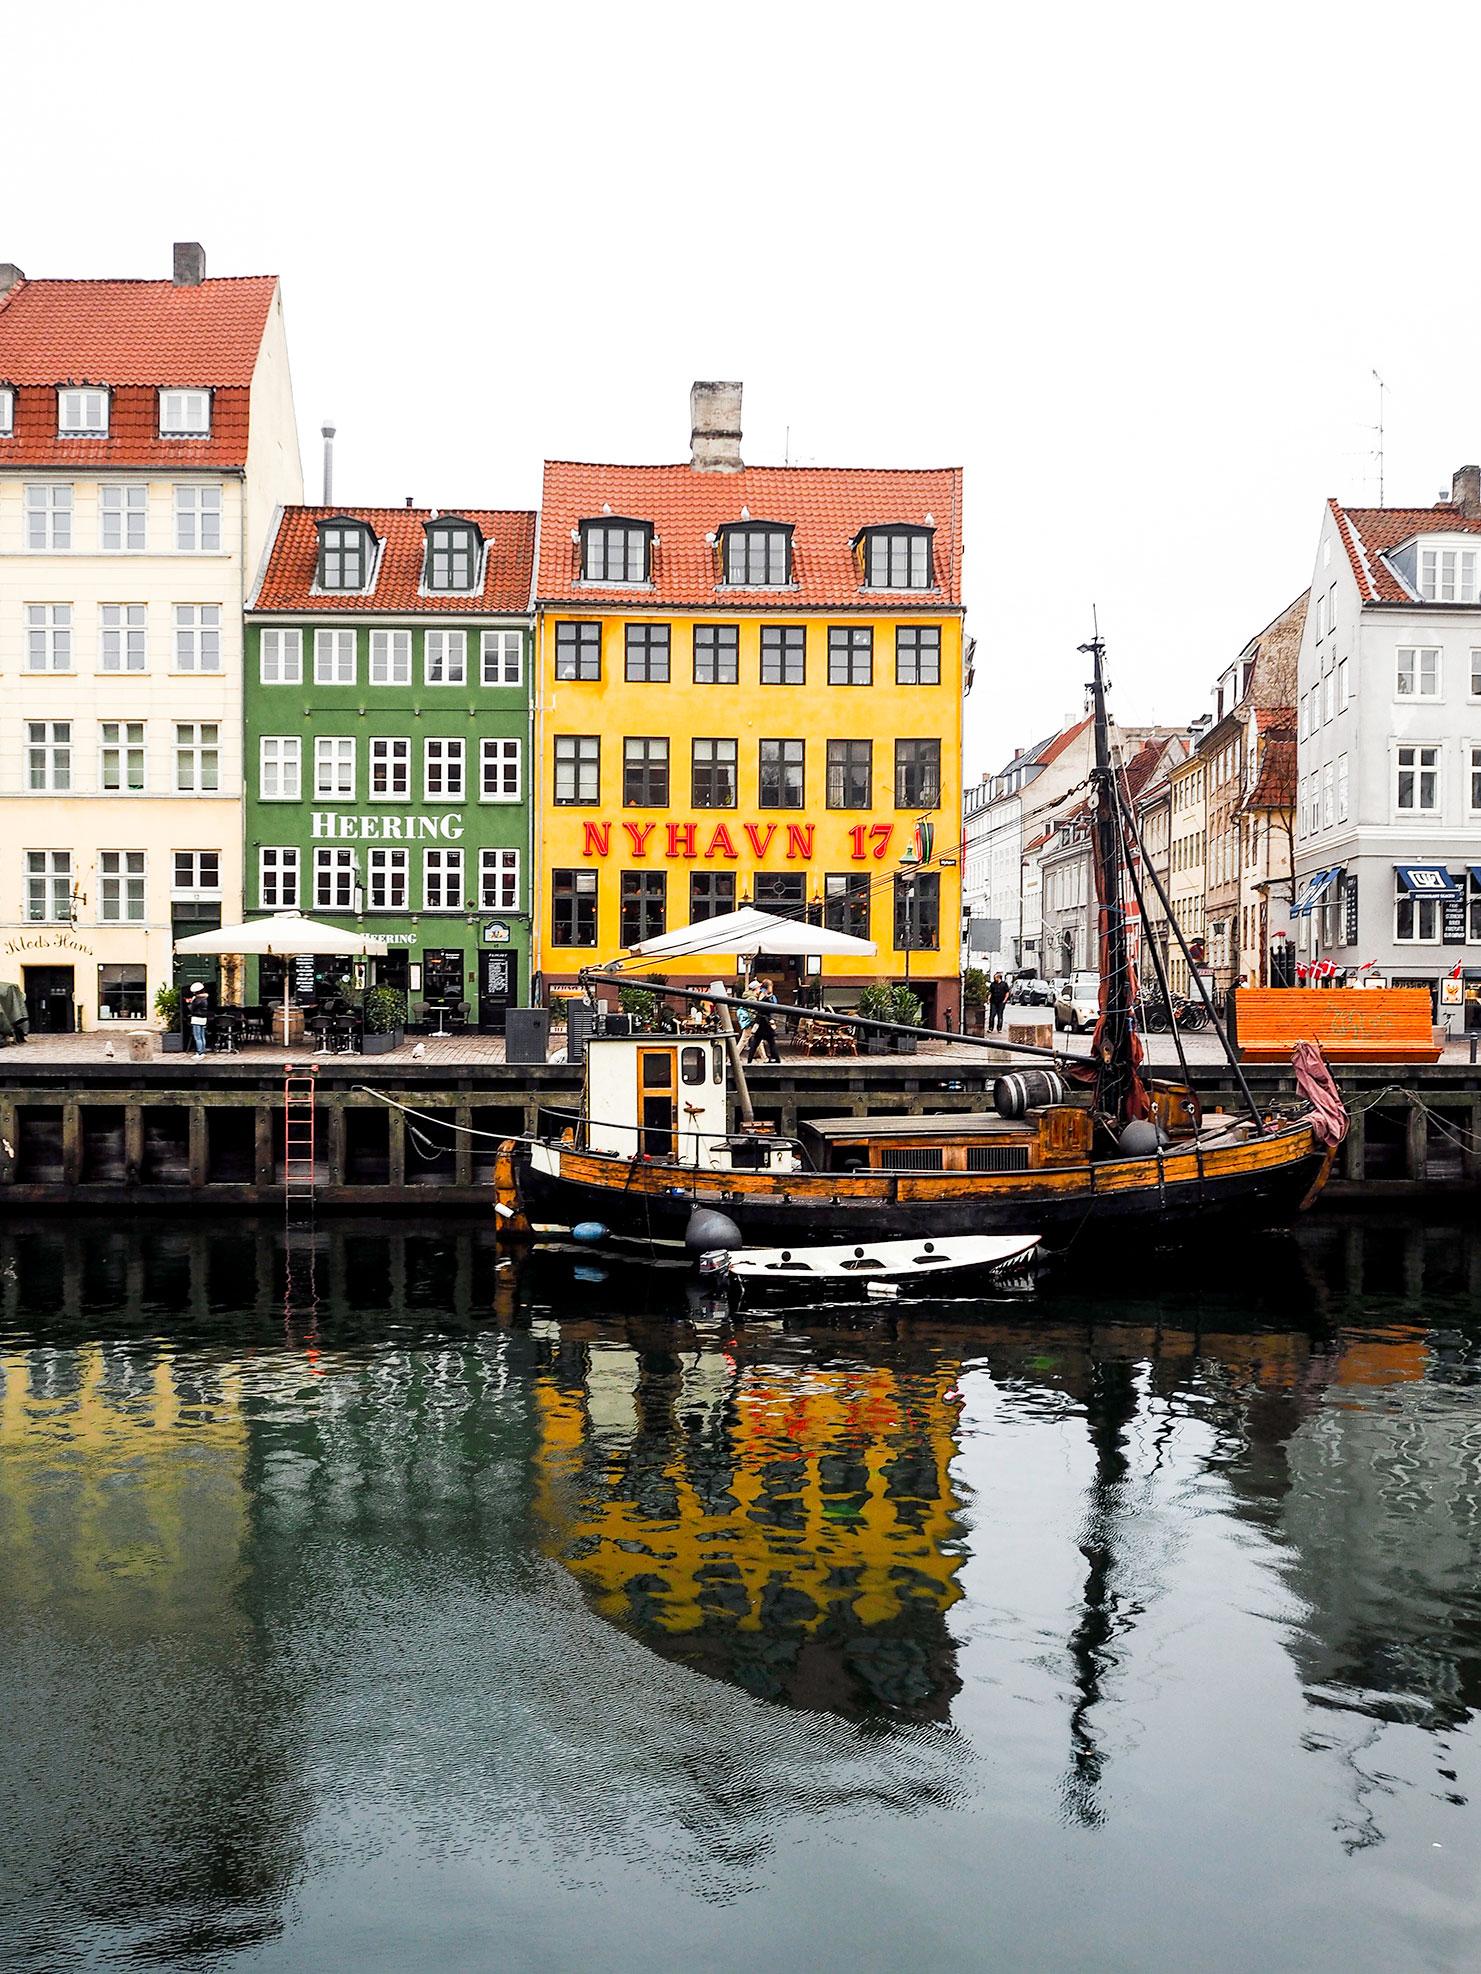 Trowell_Olivia_Copenhagen_91.jpg